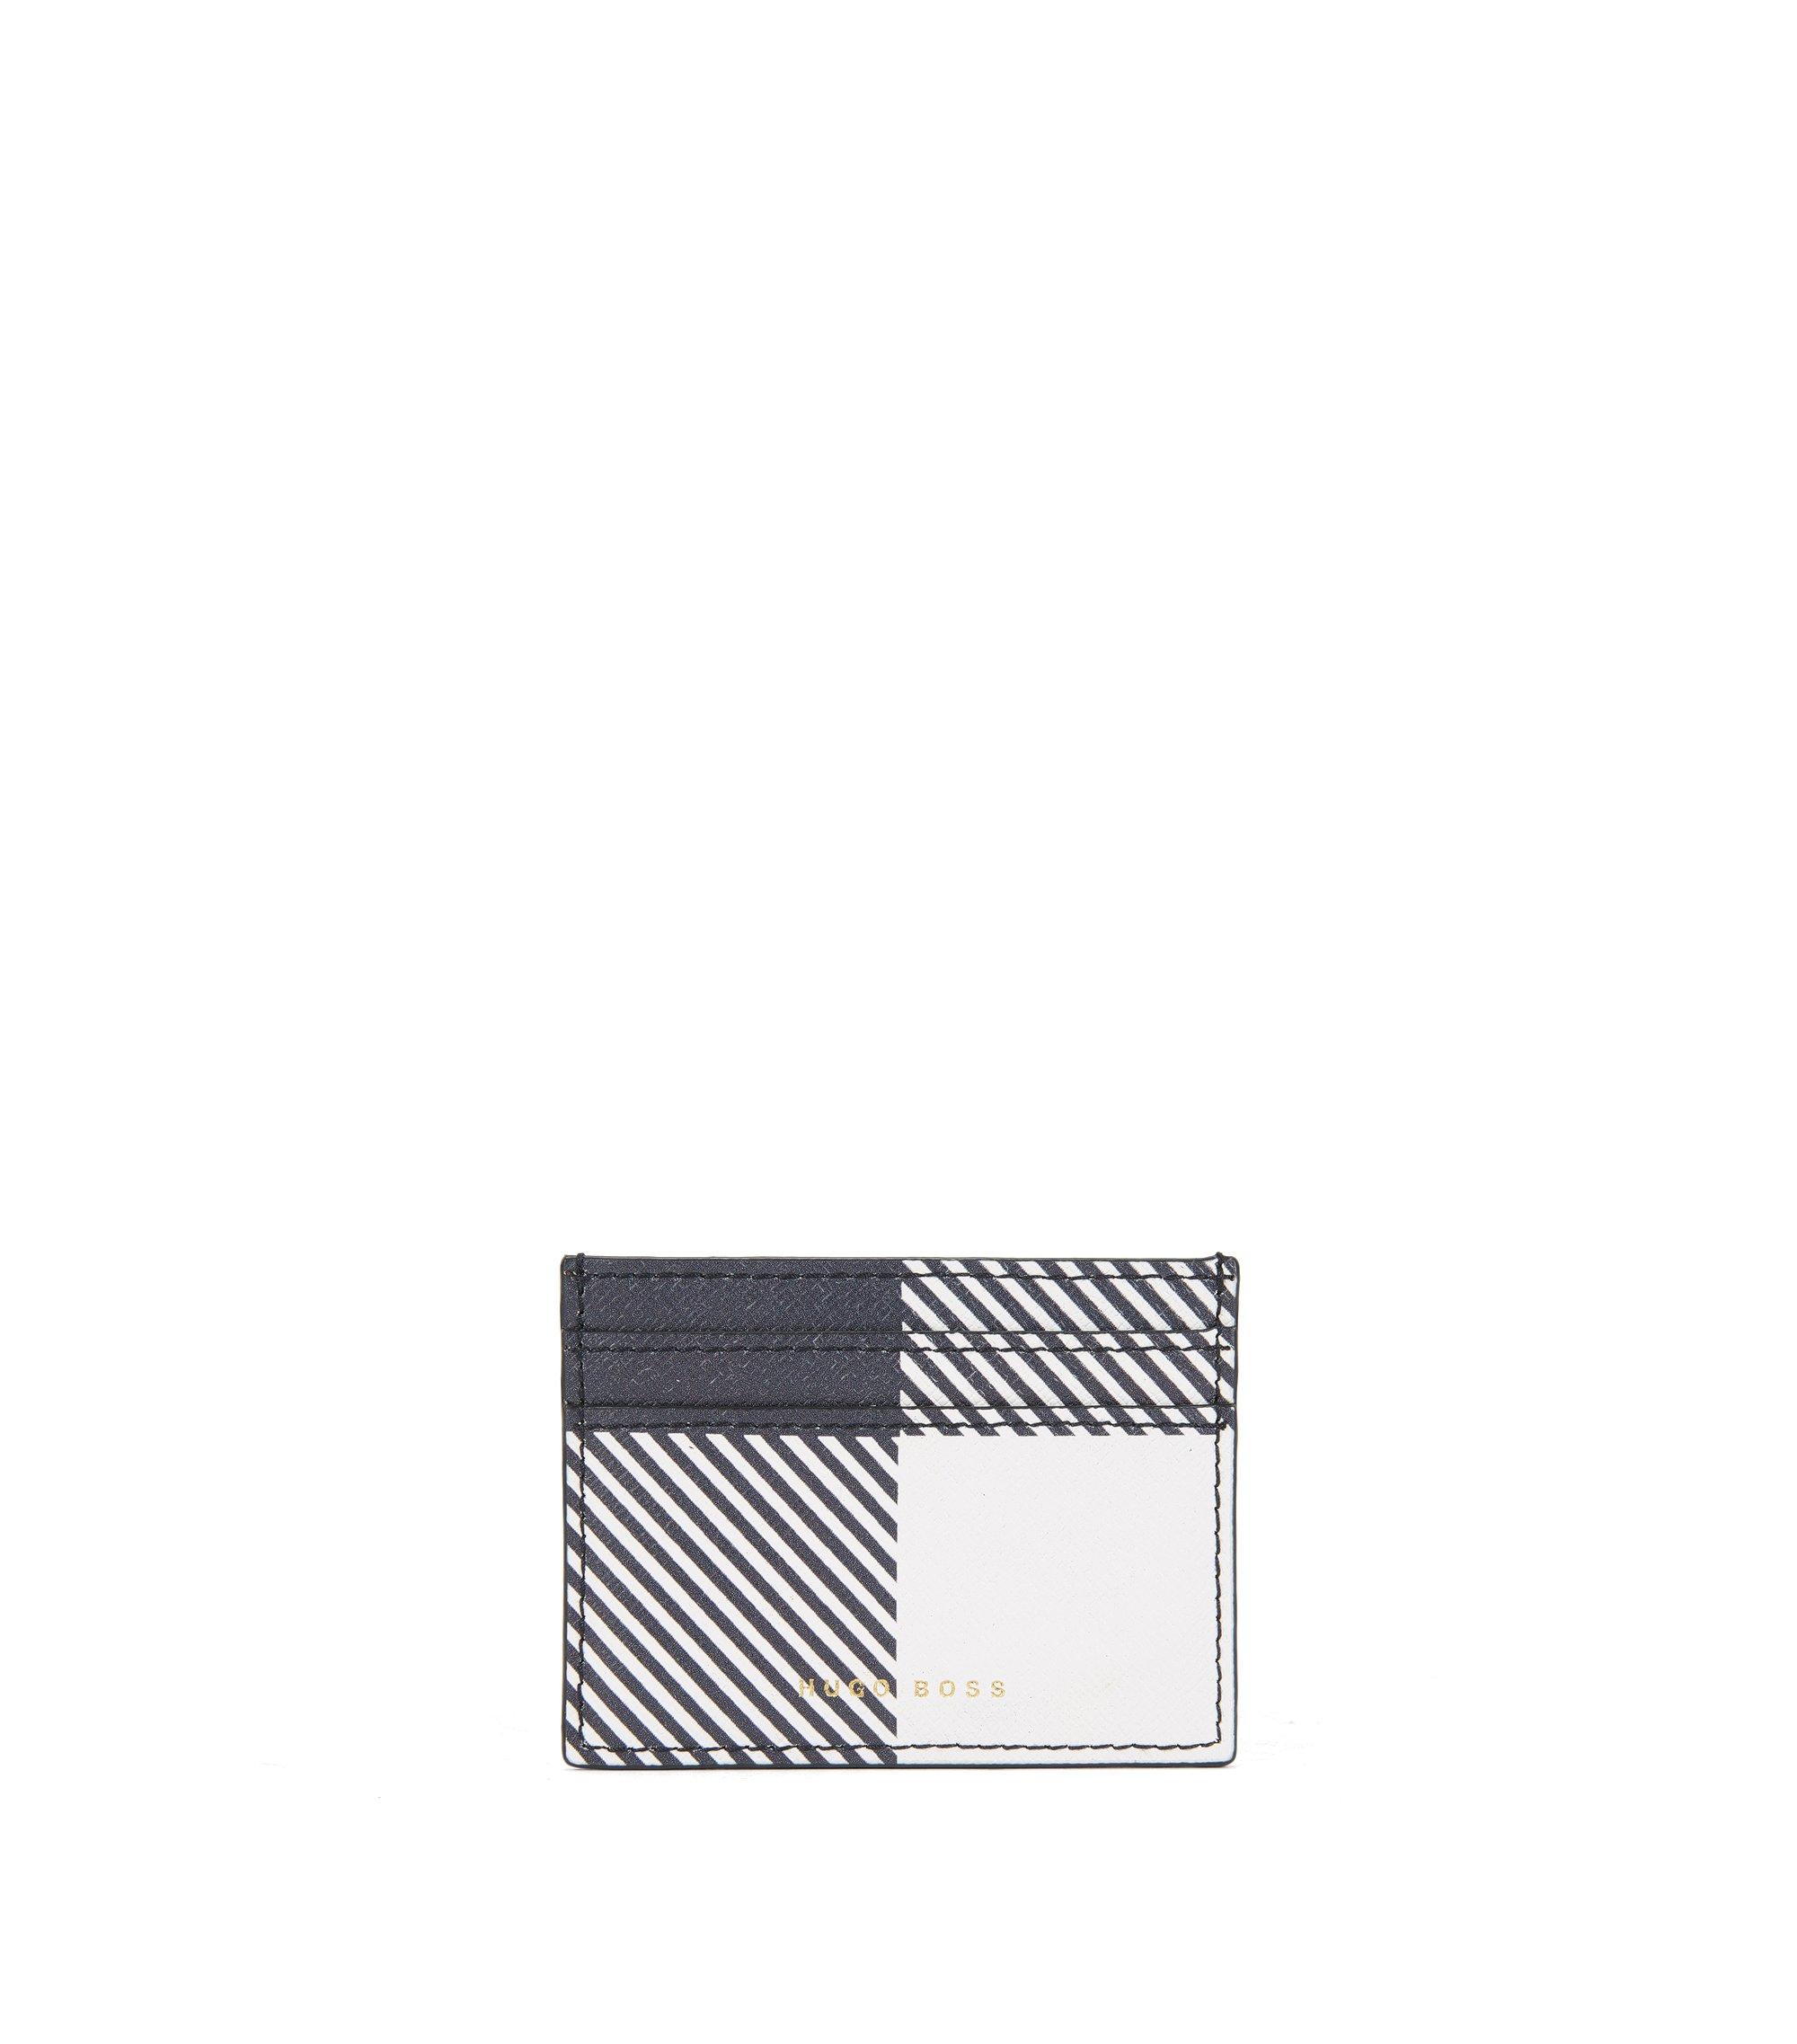 Tarjetero BOSS Bespoke Soft en piel con estampado de cuadros, Azul oscuro